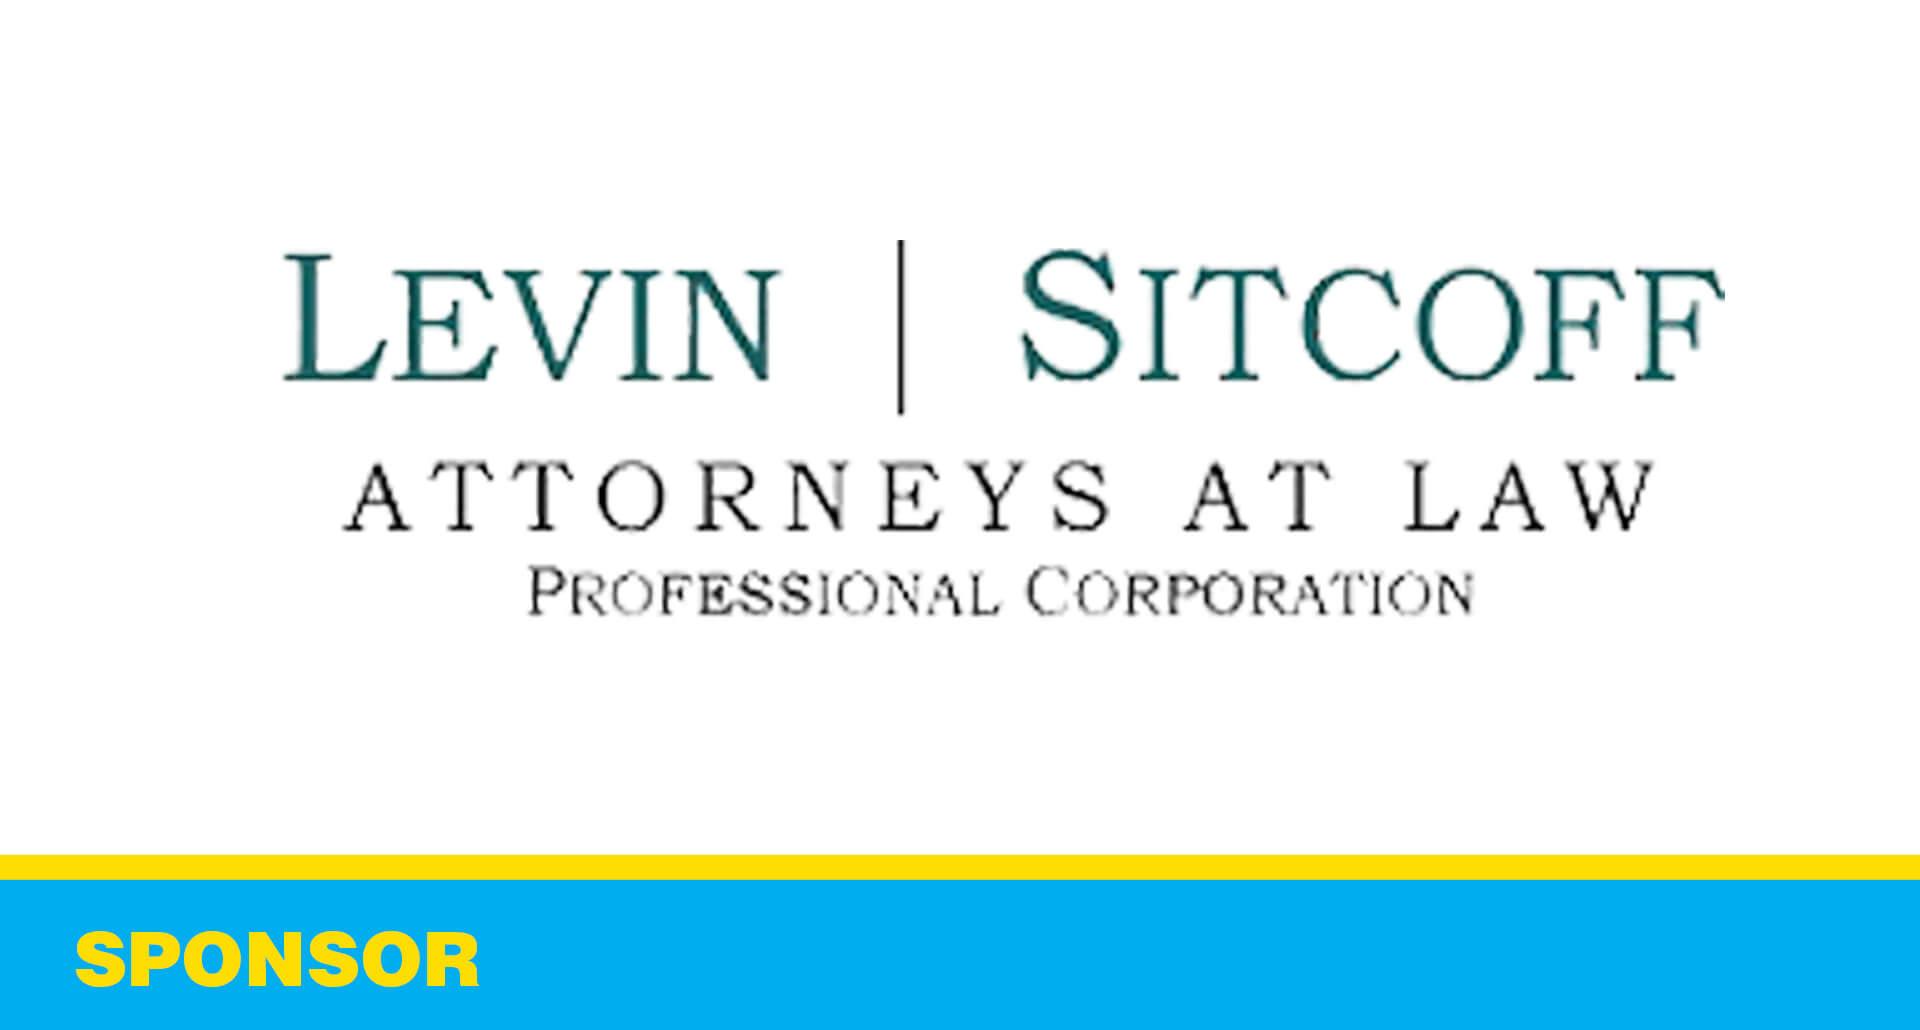 Levin Sitcoff